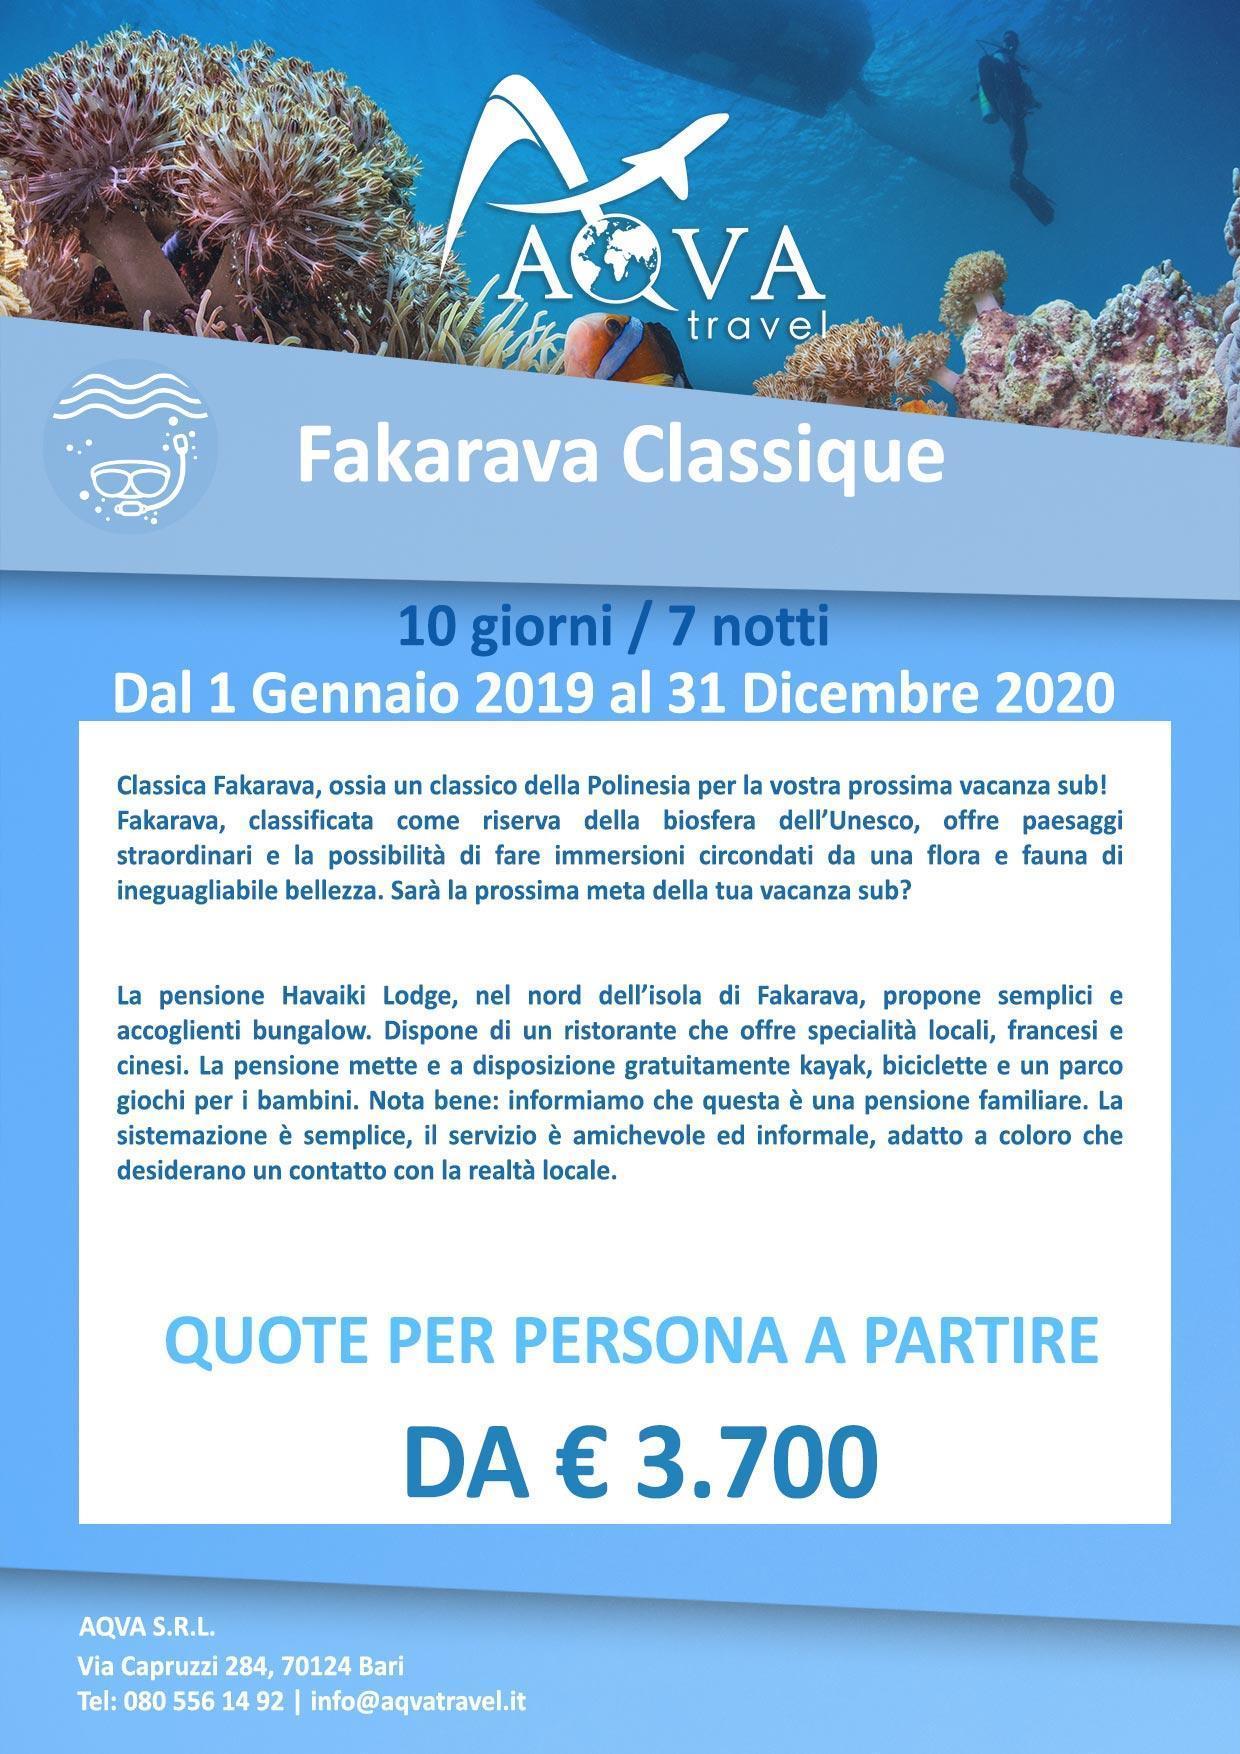 Subacquea-Fakarava-Classique-subacquea-offerte-agenzia-di-viaggi-Bari-AQVATRAVEL-it